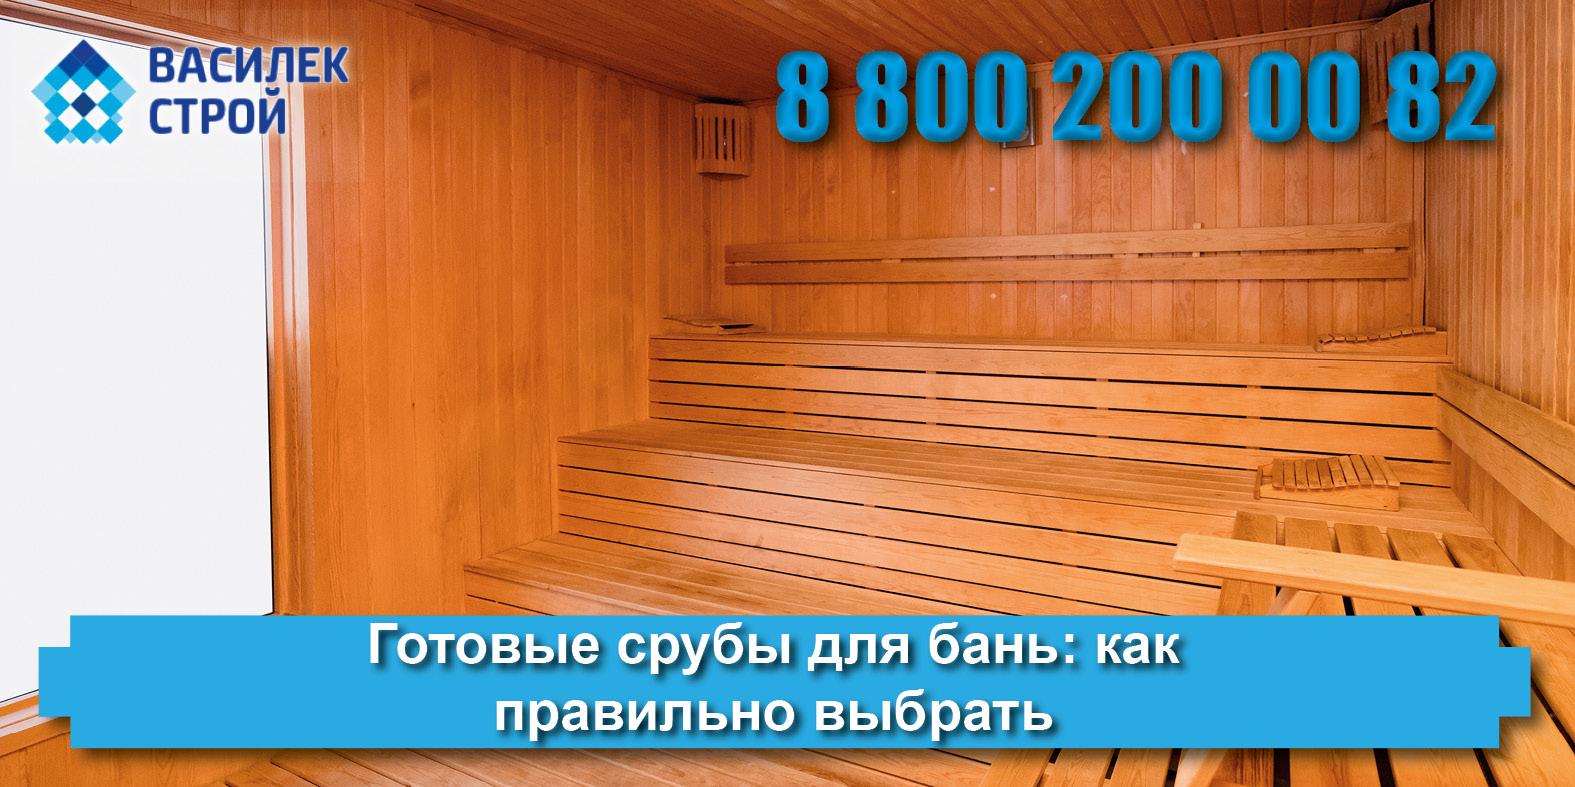 Маленькая баня 3х5: проект бани из бруса для экономичного строительства и проекты бань из бруса 4х4